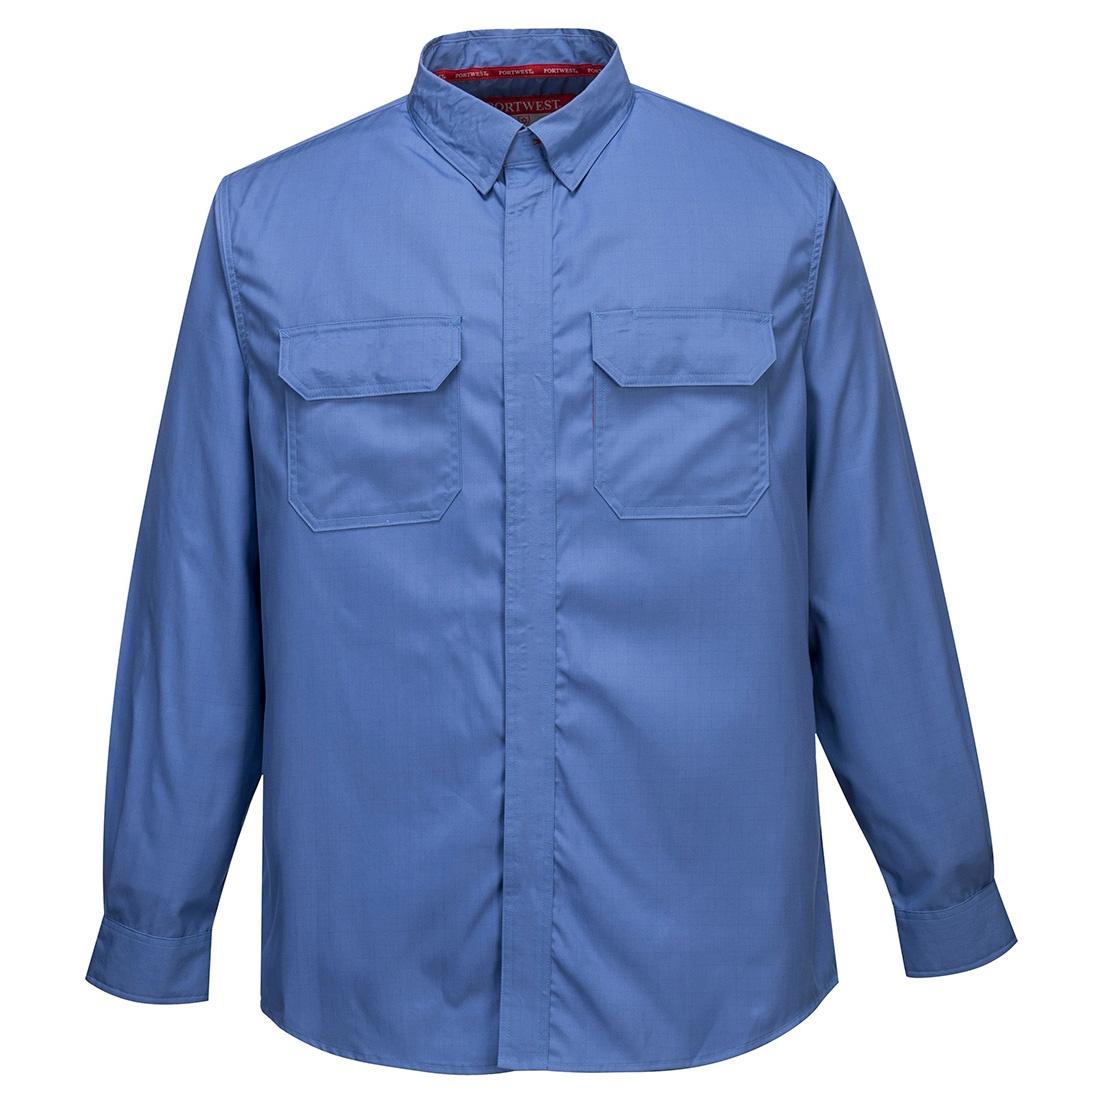 Portwest Bizflame Plus Shirt - Blue Front